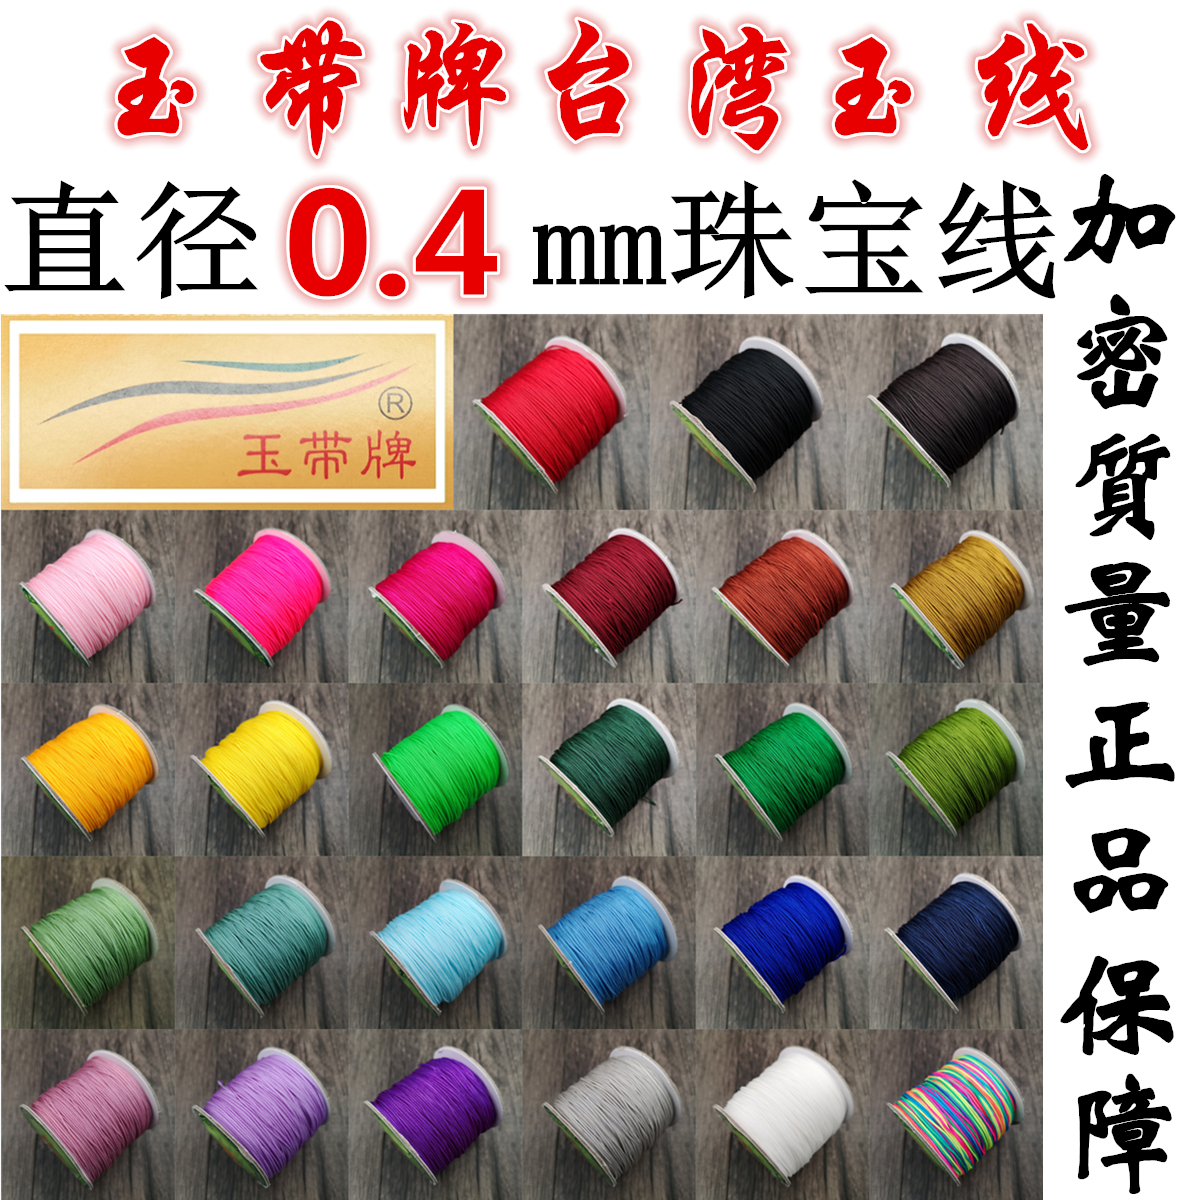 玉带牌71号特细台湾玉线0.4mm珠宝线串珠线diy蜜蜡手工编织线材料